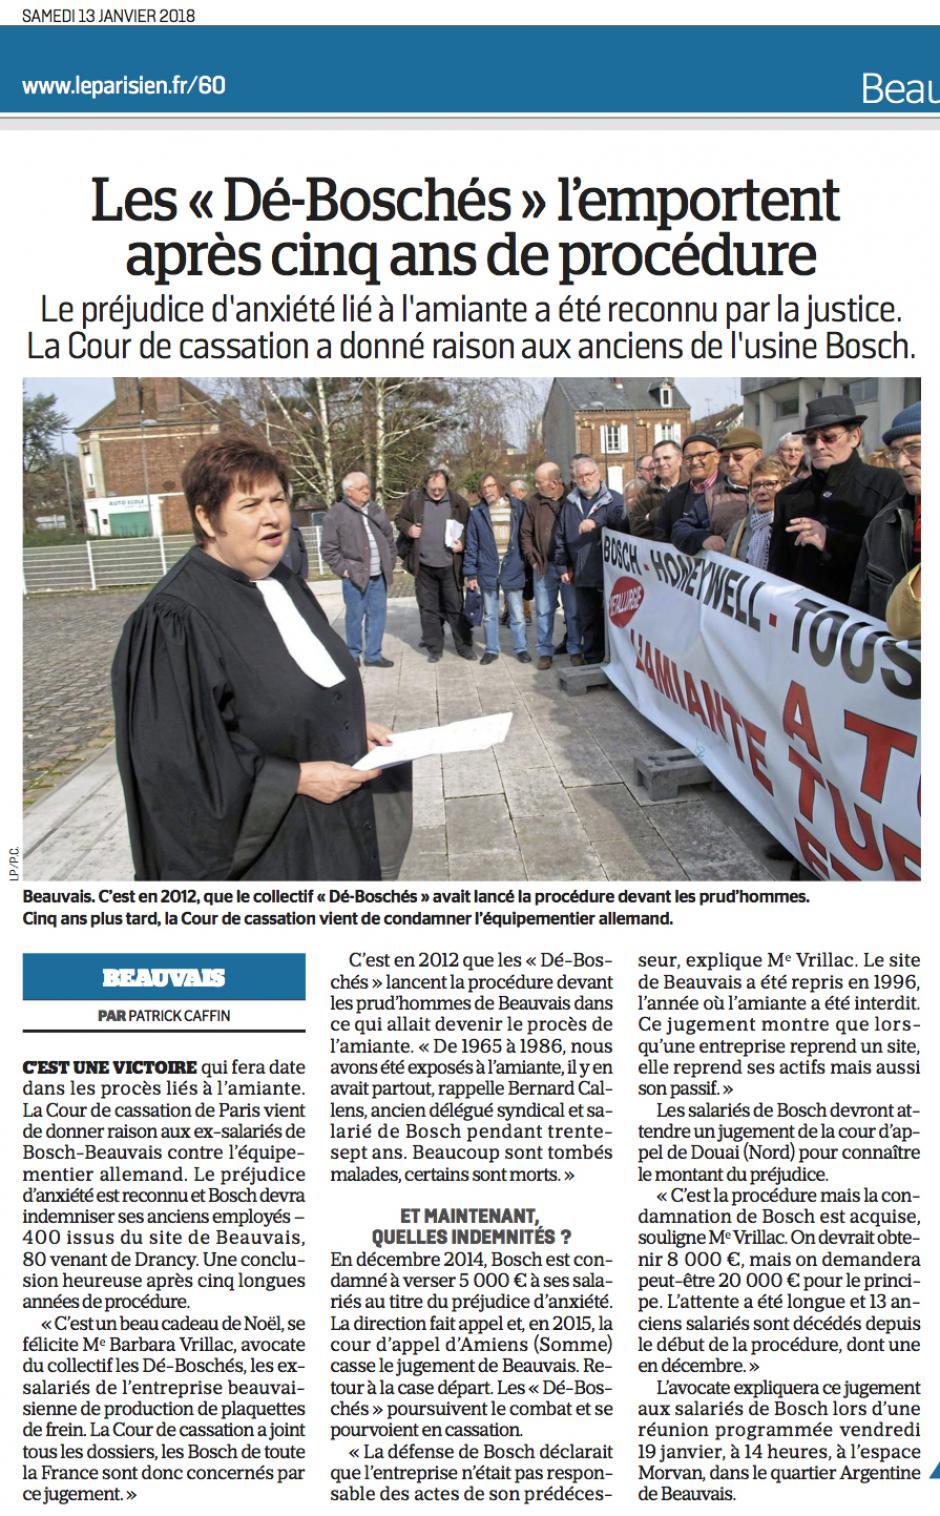 20180113-LeP-Beauvais-Les « Dé-Boschés » l'emportent après cinq ans de procédure